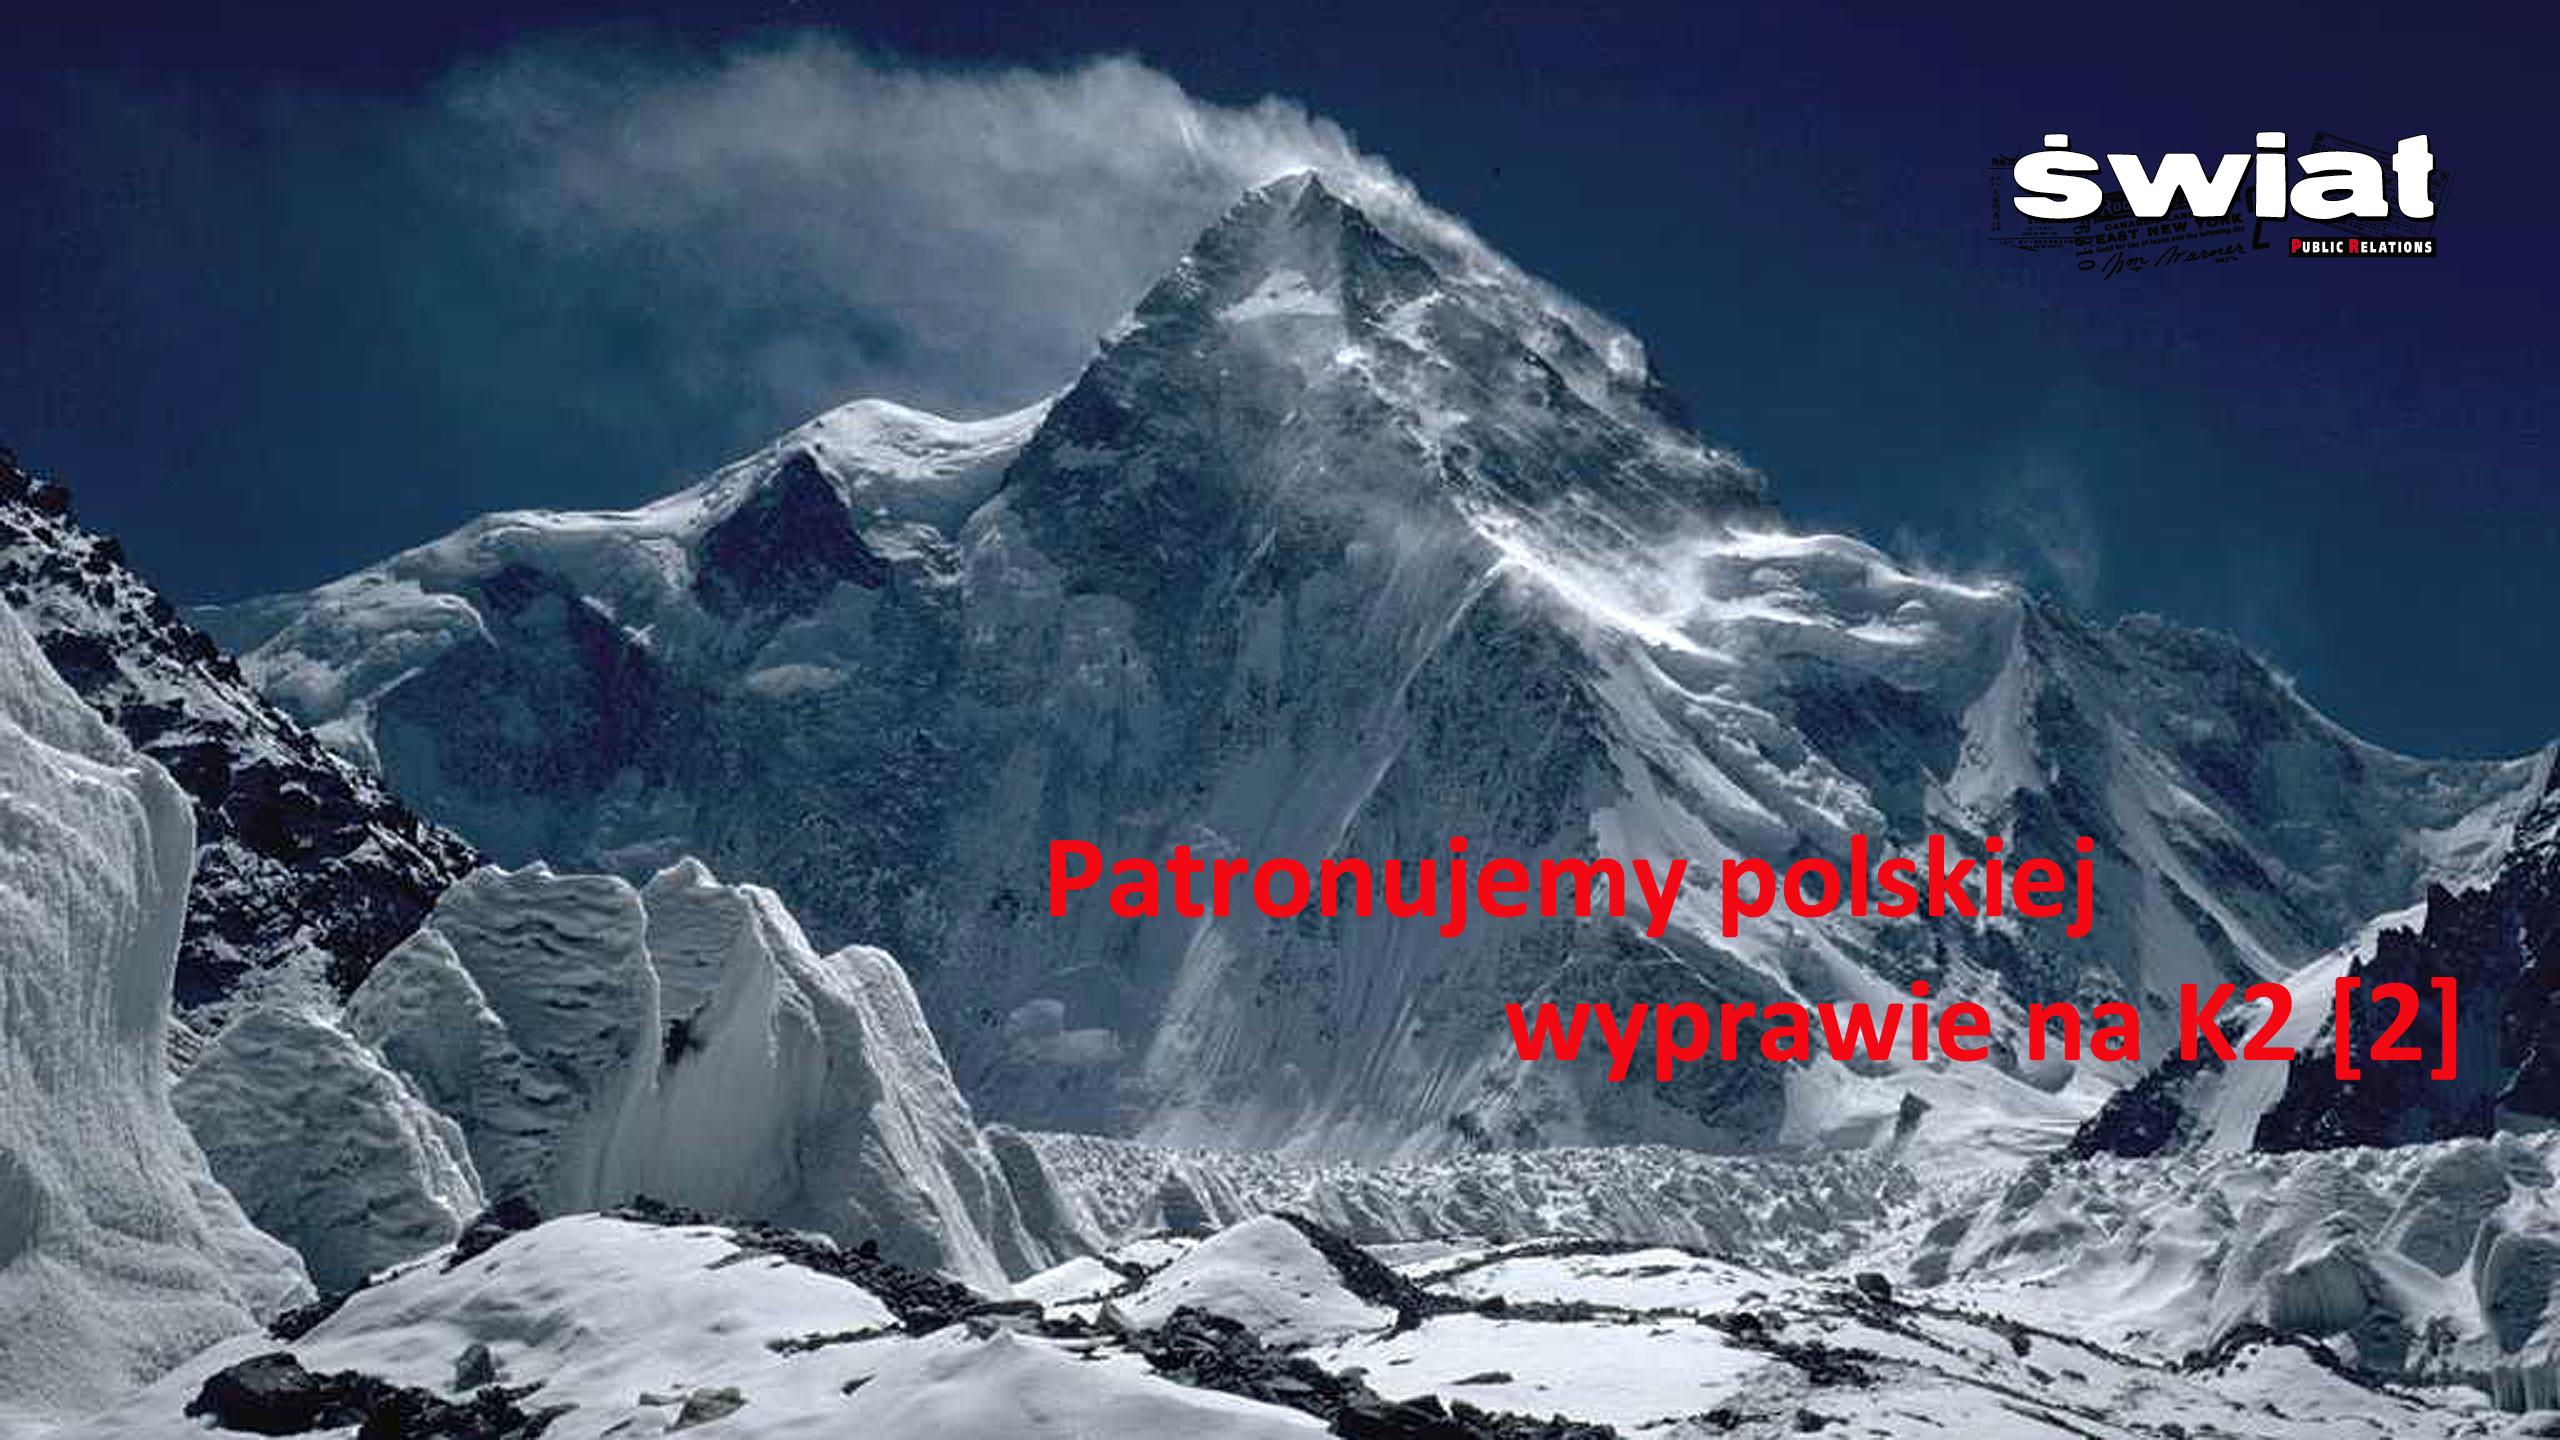 Patronujemy polskiej wyprawie K2 '2016/17 [2]